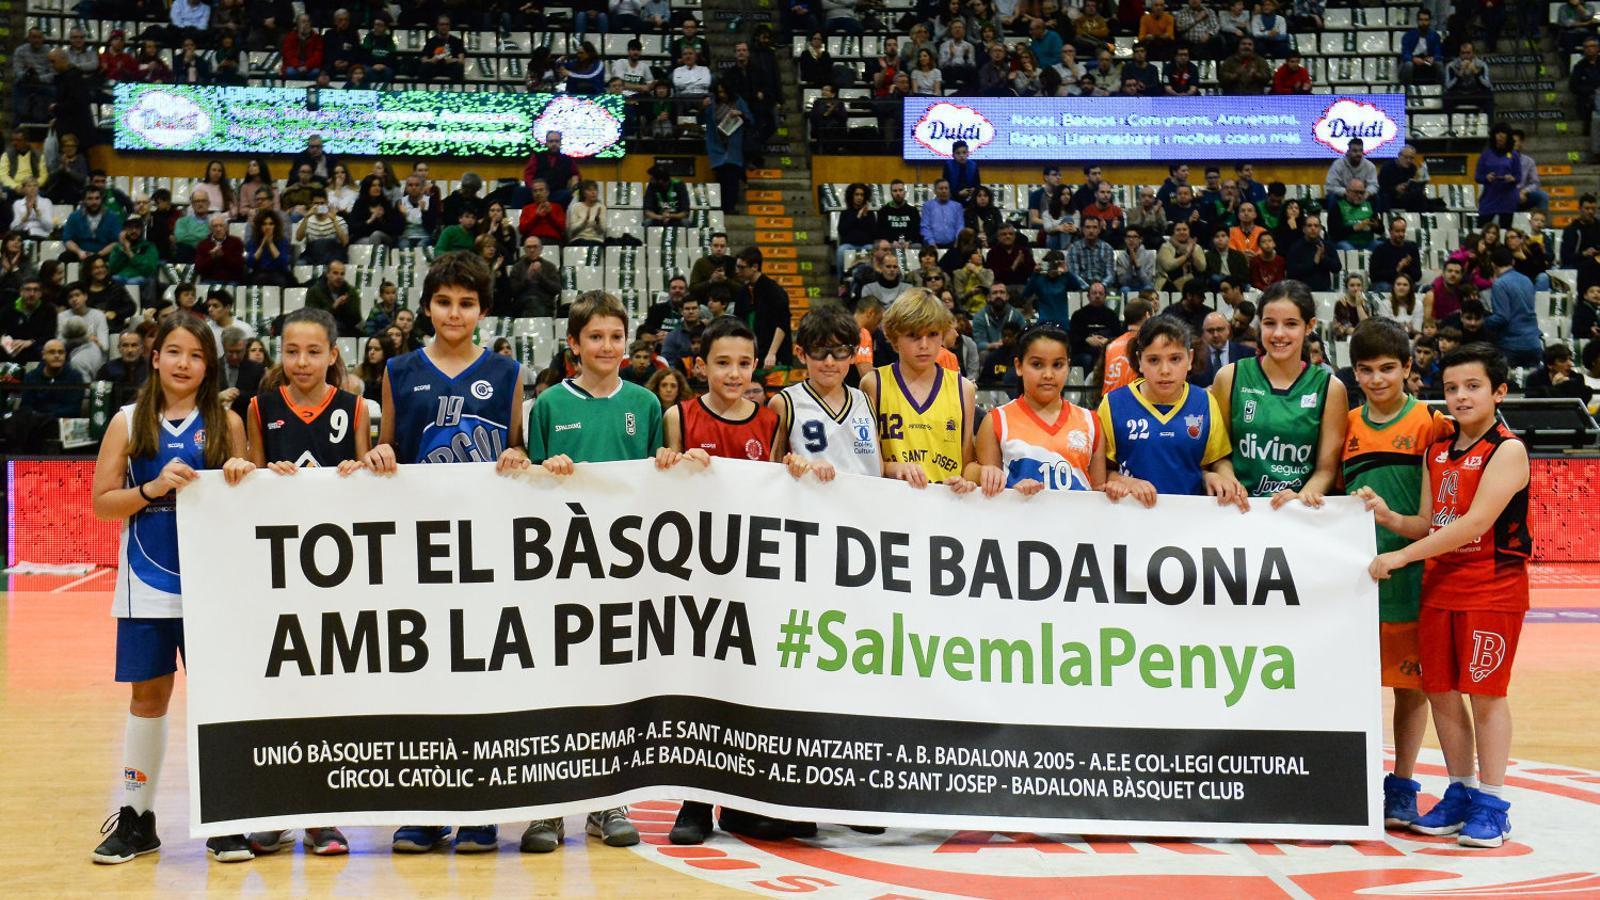 Representants de tots dels clubs de Badalona van donar suport a la Penya durant el partit contra el Baskonia.